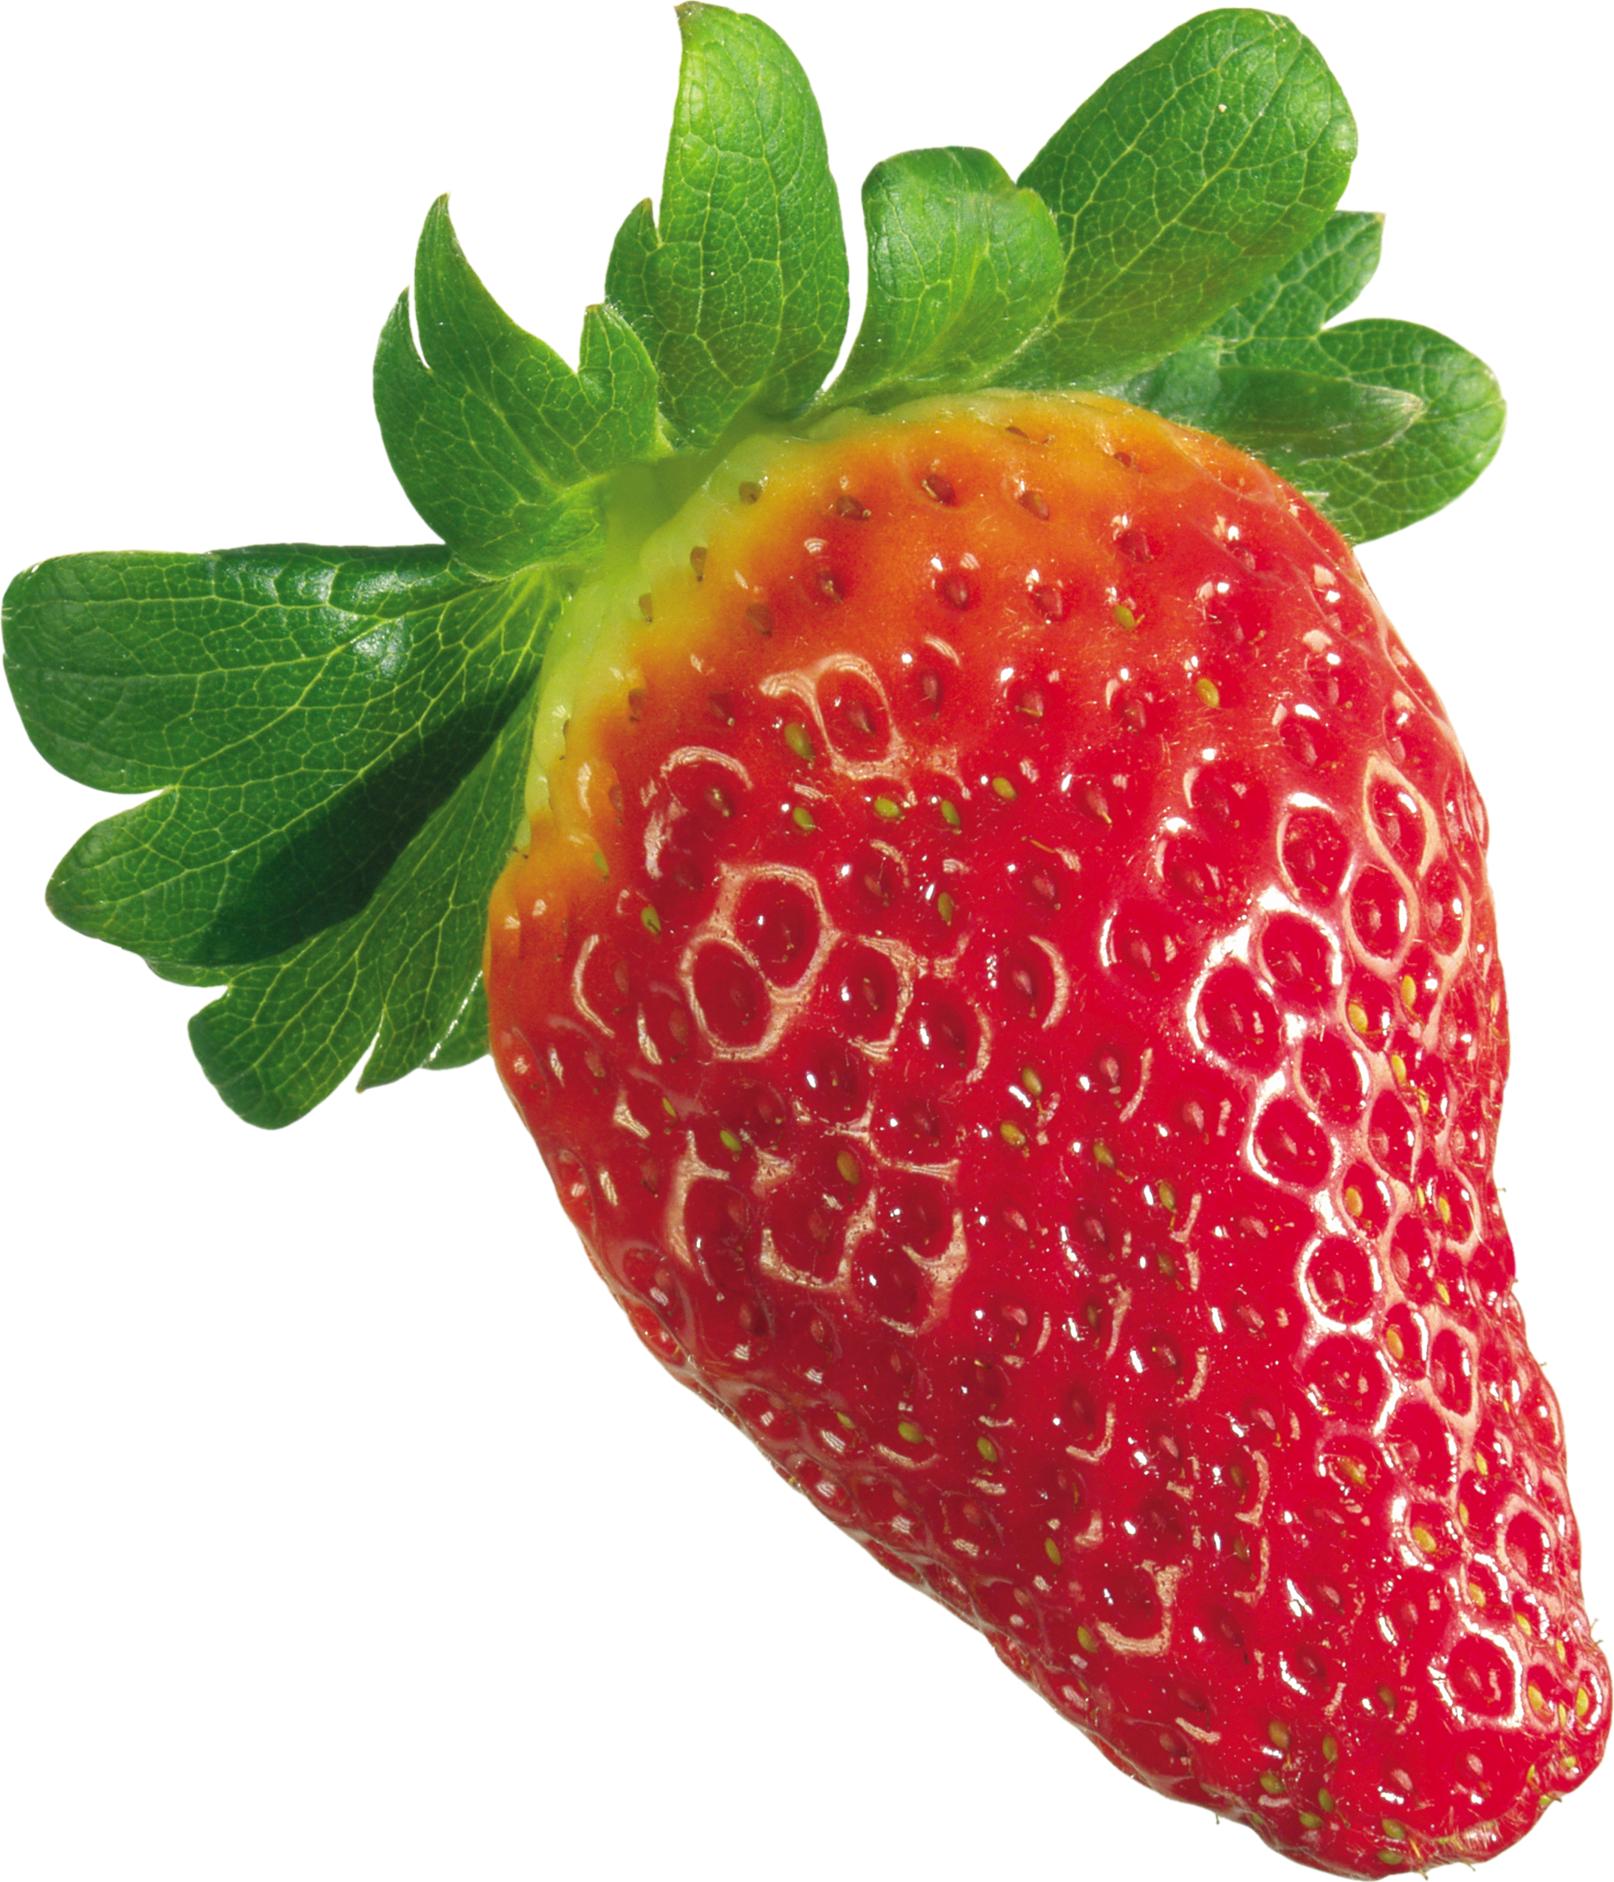 отказ ягода клубника картинка без белого фона раскраски для снятия